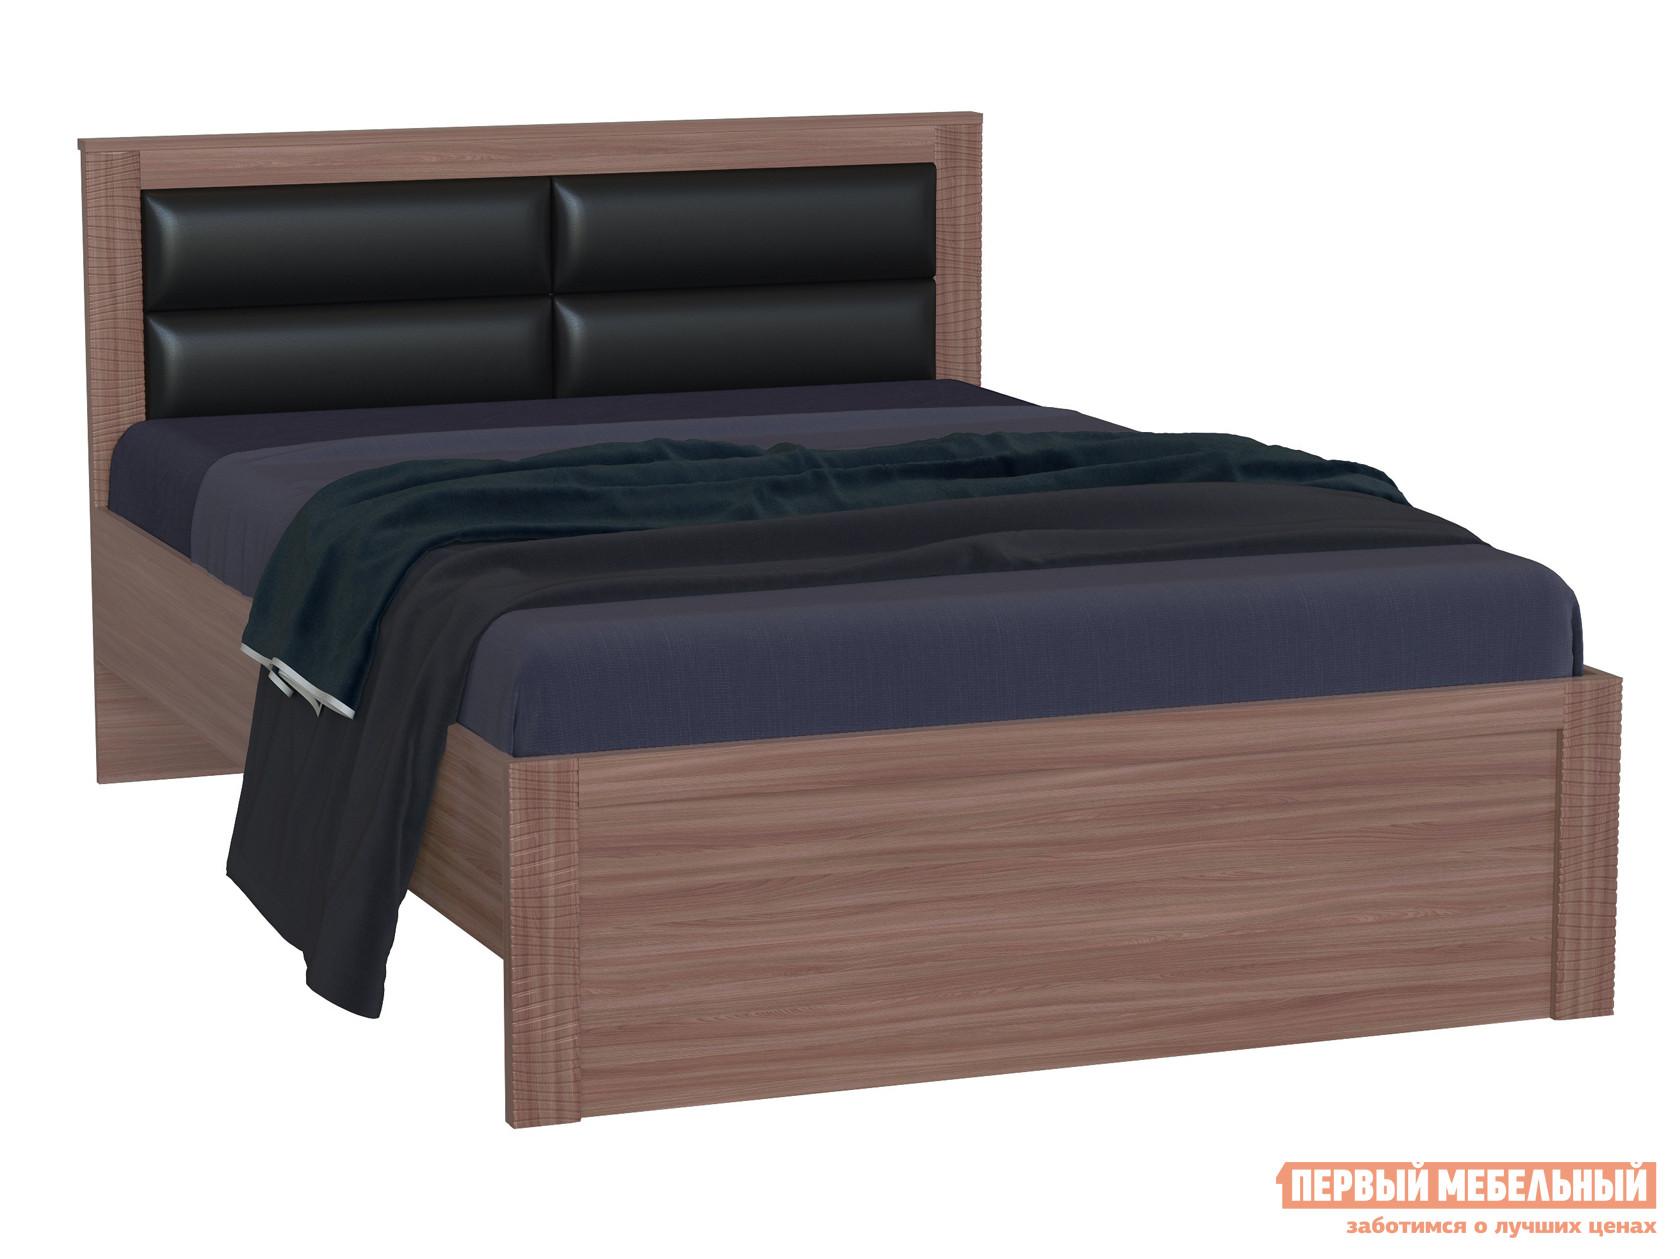 Полутороспальная кровать ПМ: РДМ Элегия с основанием настил Ясень Шимо темный